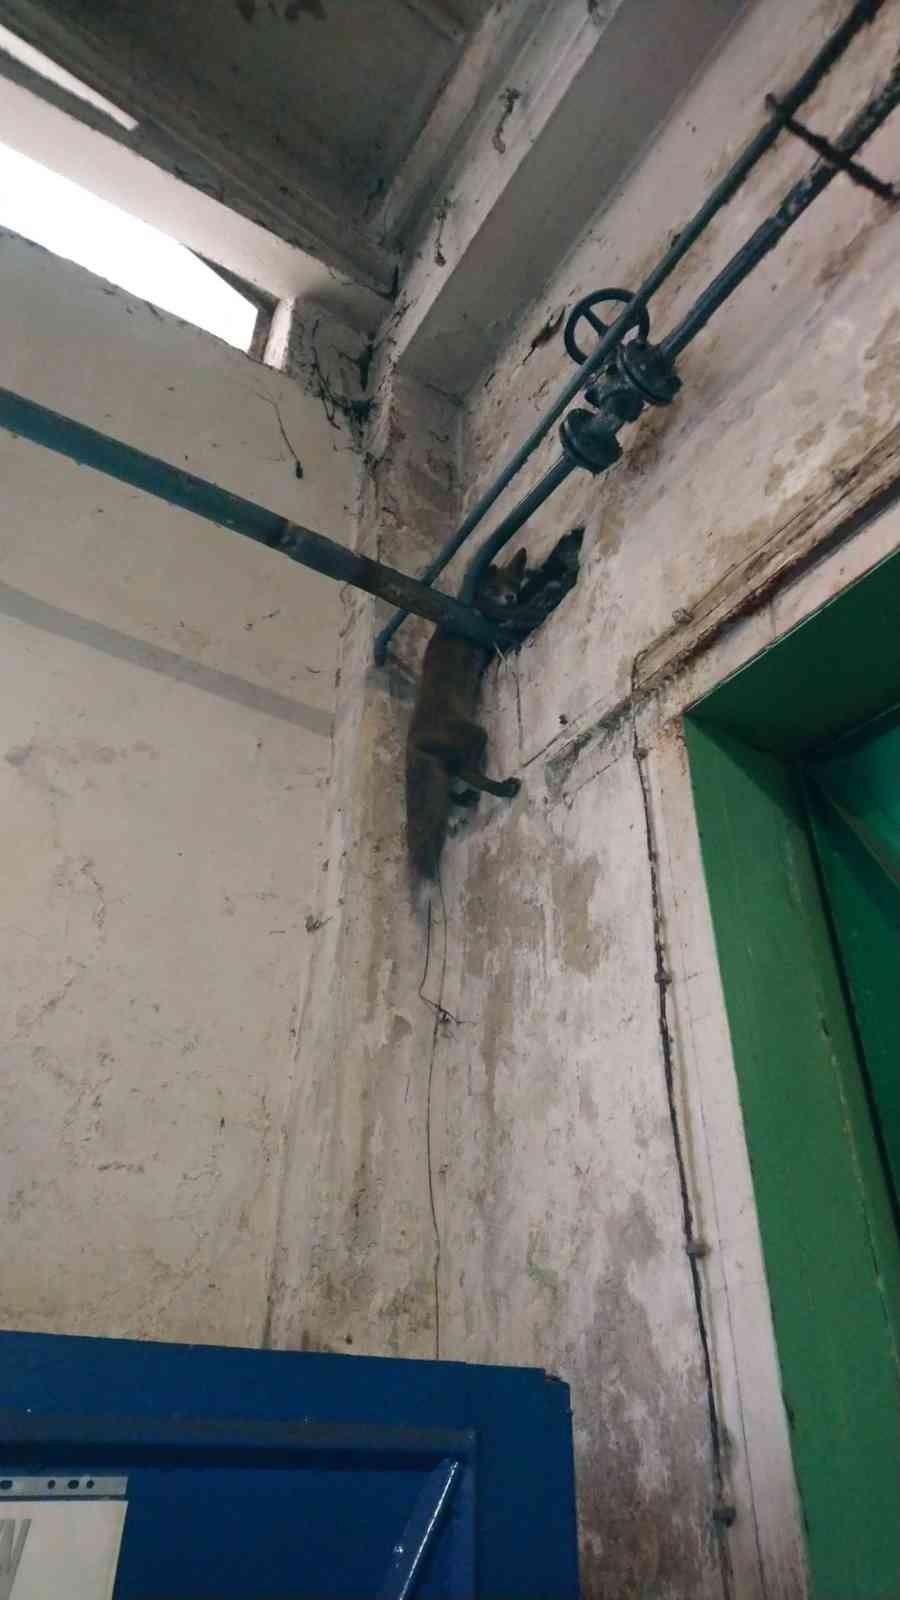 Polonya'da fabrikaya giren tilki duvarla boru arasına sıkıştı